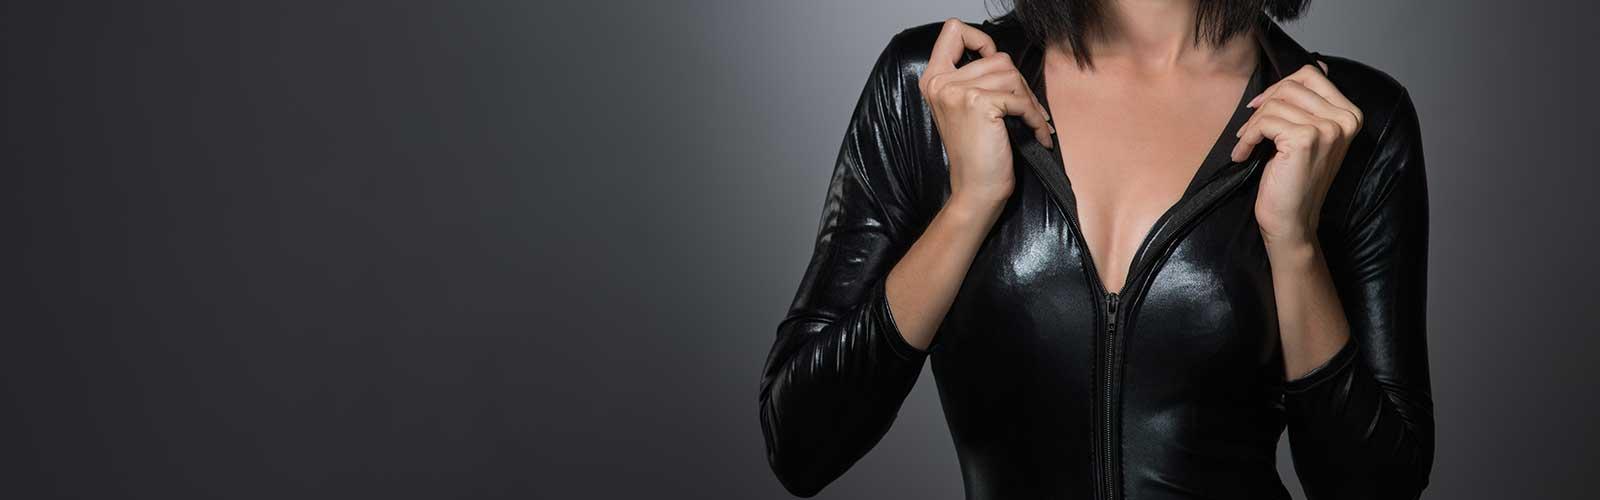 Köp bodystocking, catsuit & kroppsstrumpa på sexleksaker365.se